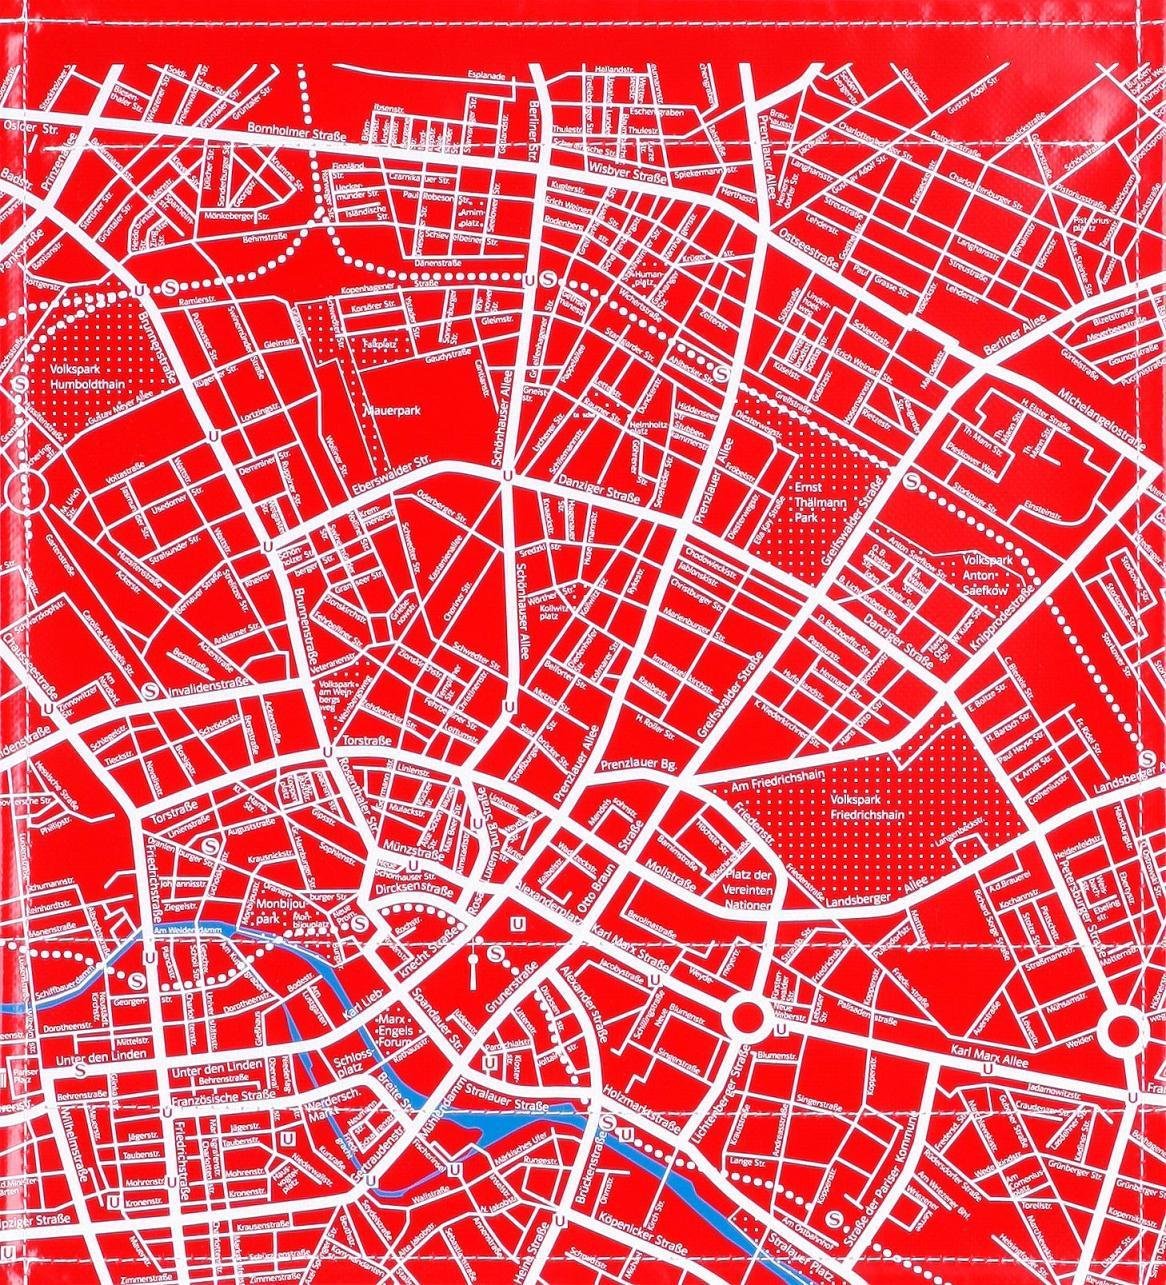 Stadtplan rot (mittel)